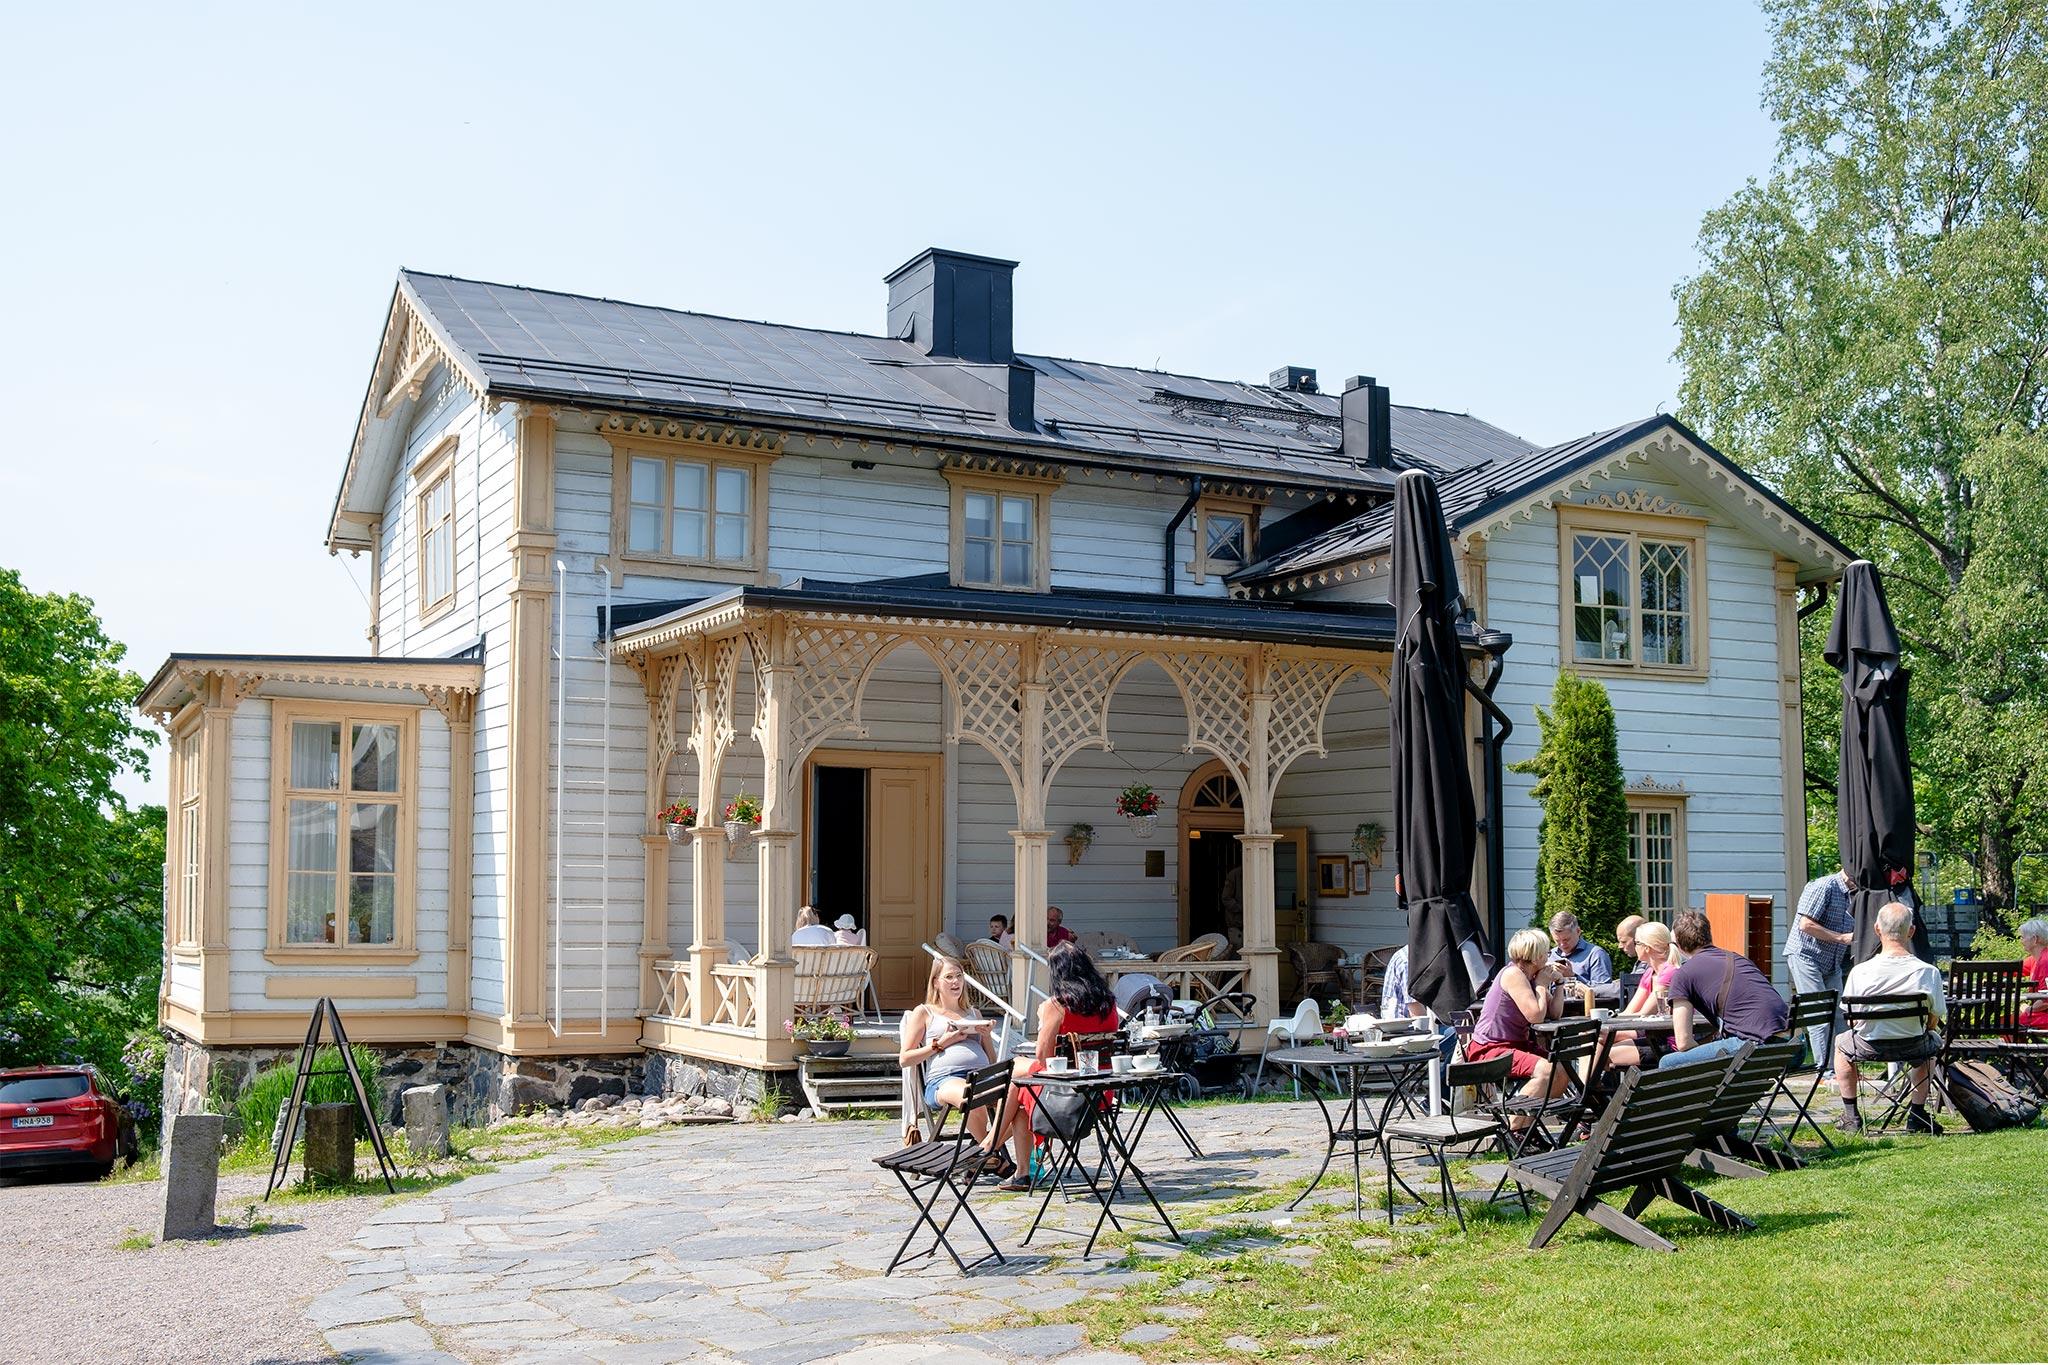 Café Zoceria, Tarvaspää © Tuulia Kolehmainen